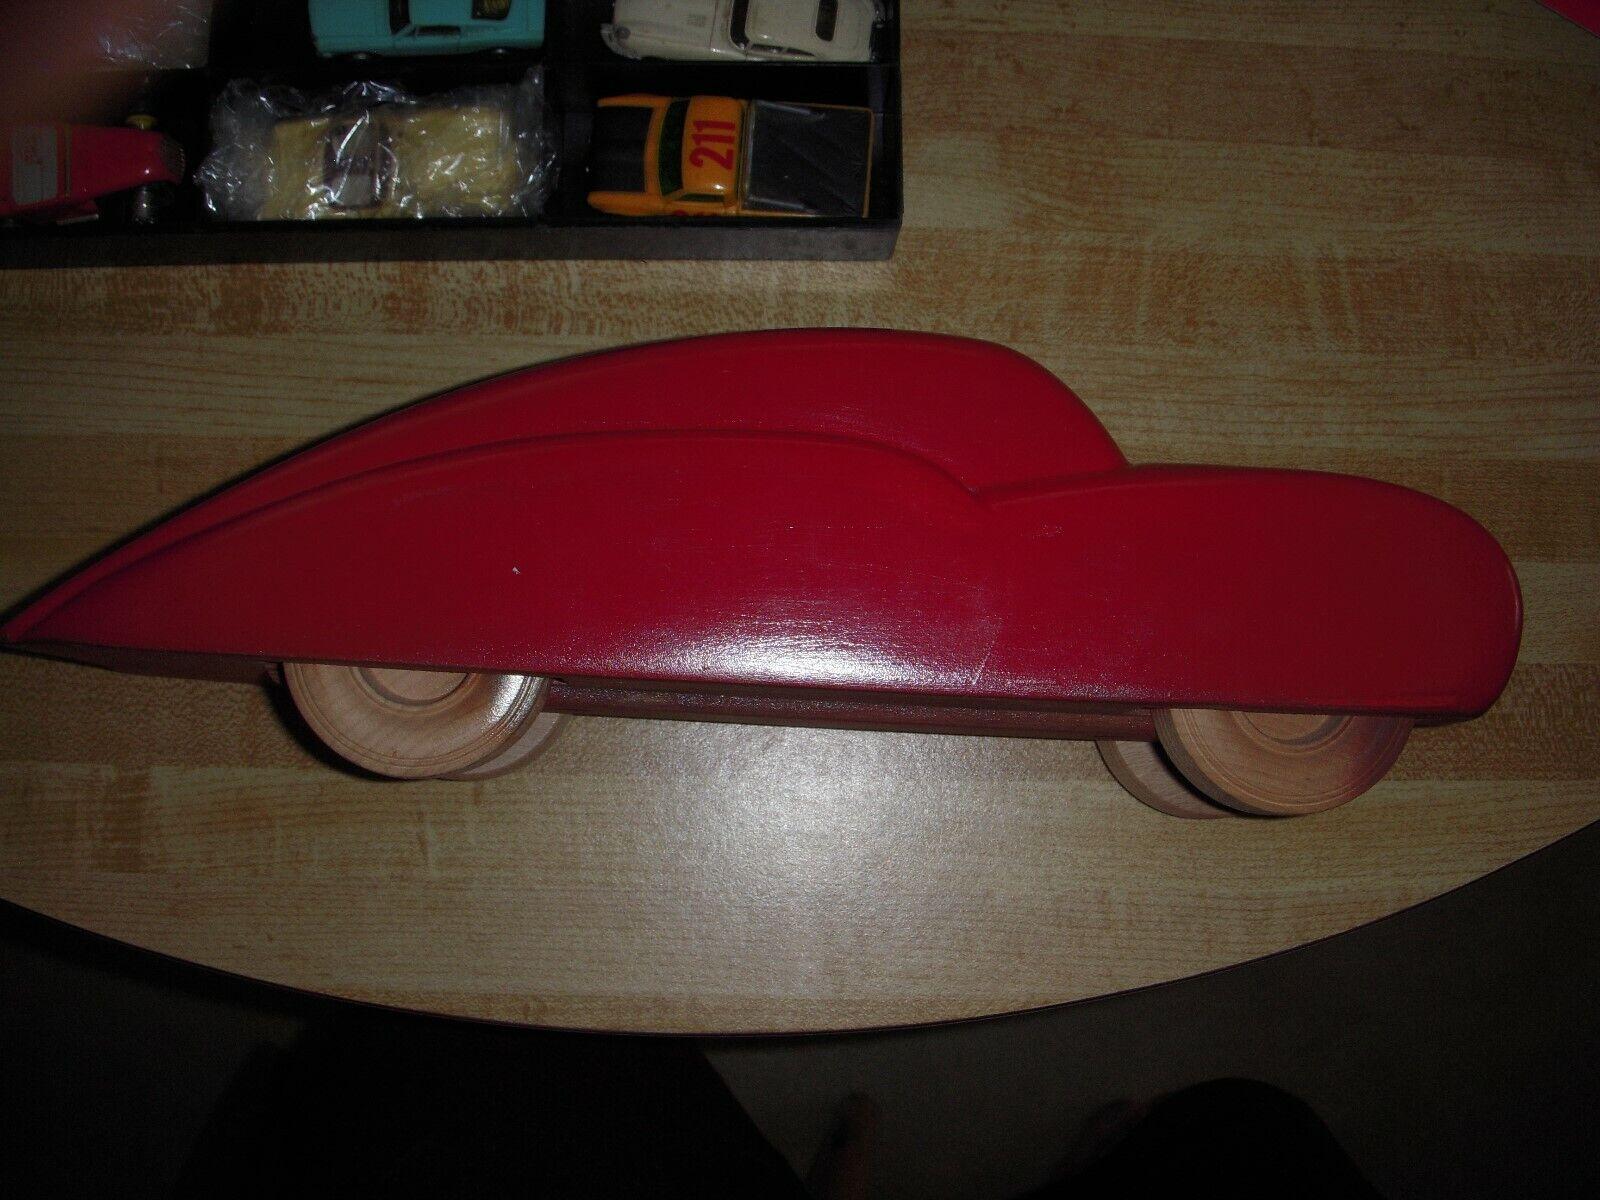 Large Holzen Art Deco Spielzeug voiture Promo voiture Chrysler MOPAR or GM zeigen Piece